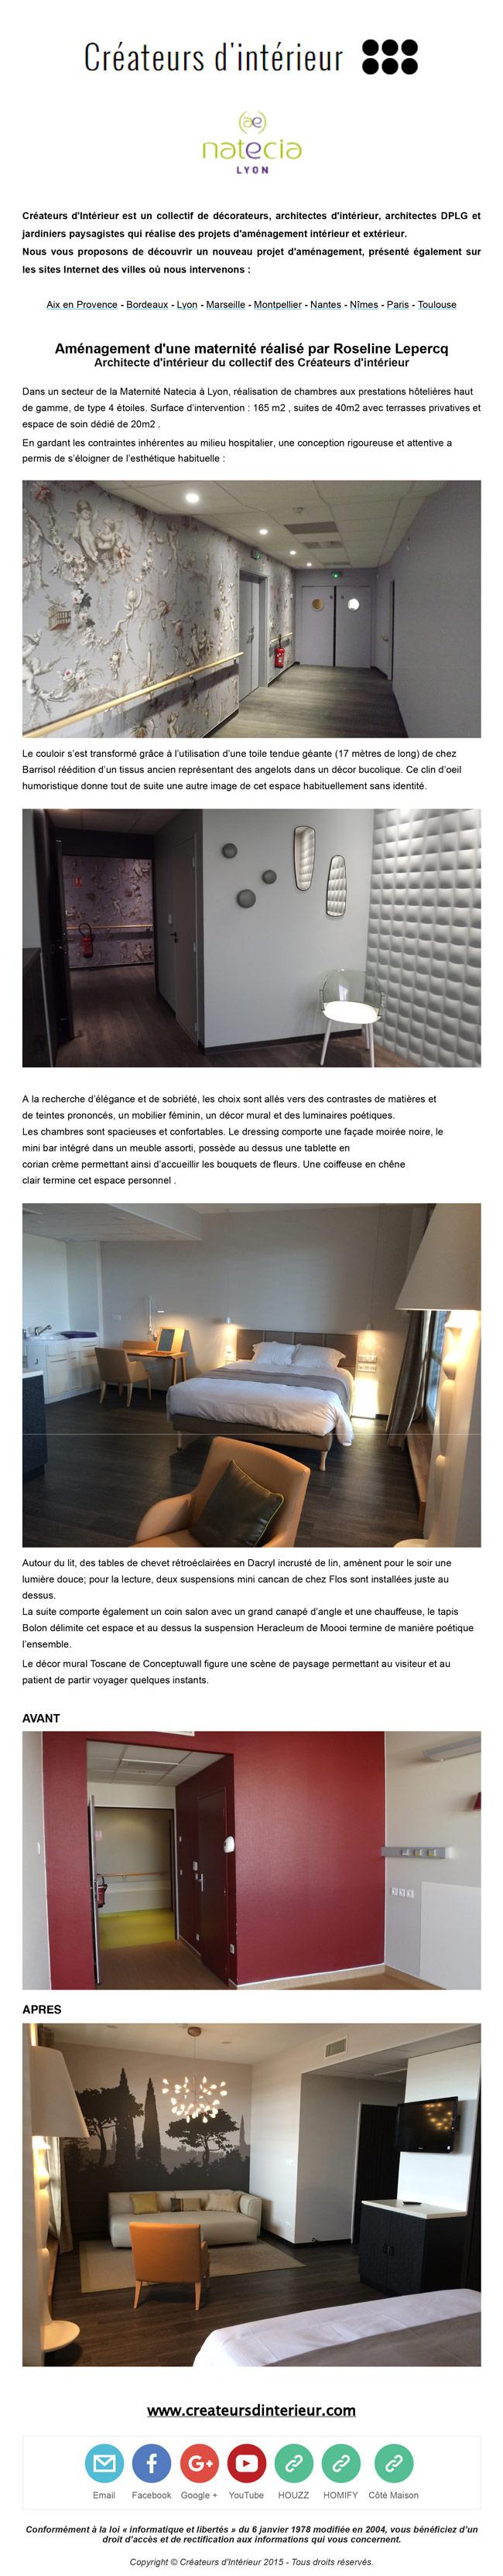 Architecte D Intérieur Paris 8 newsletters   créateurs d'intérieur paris